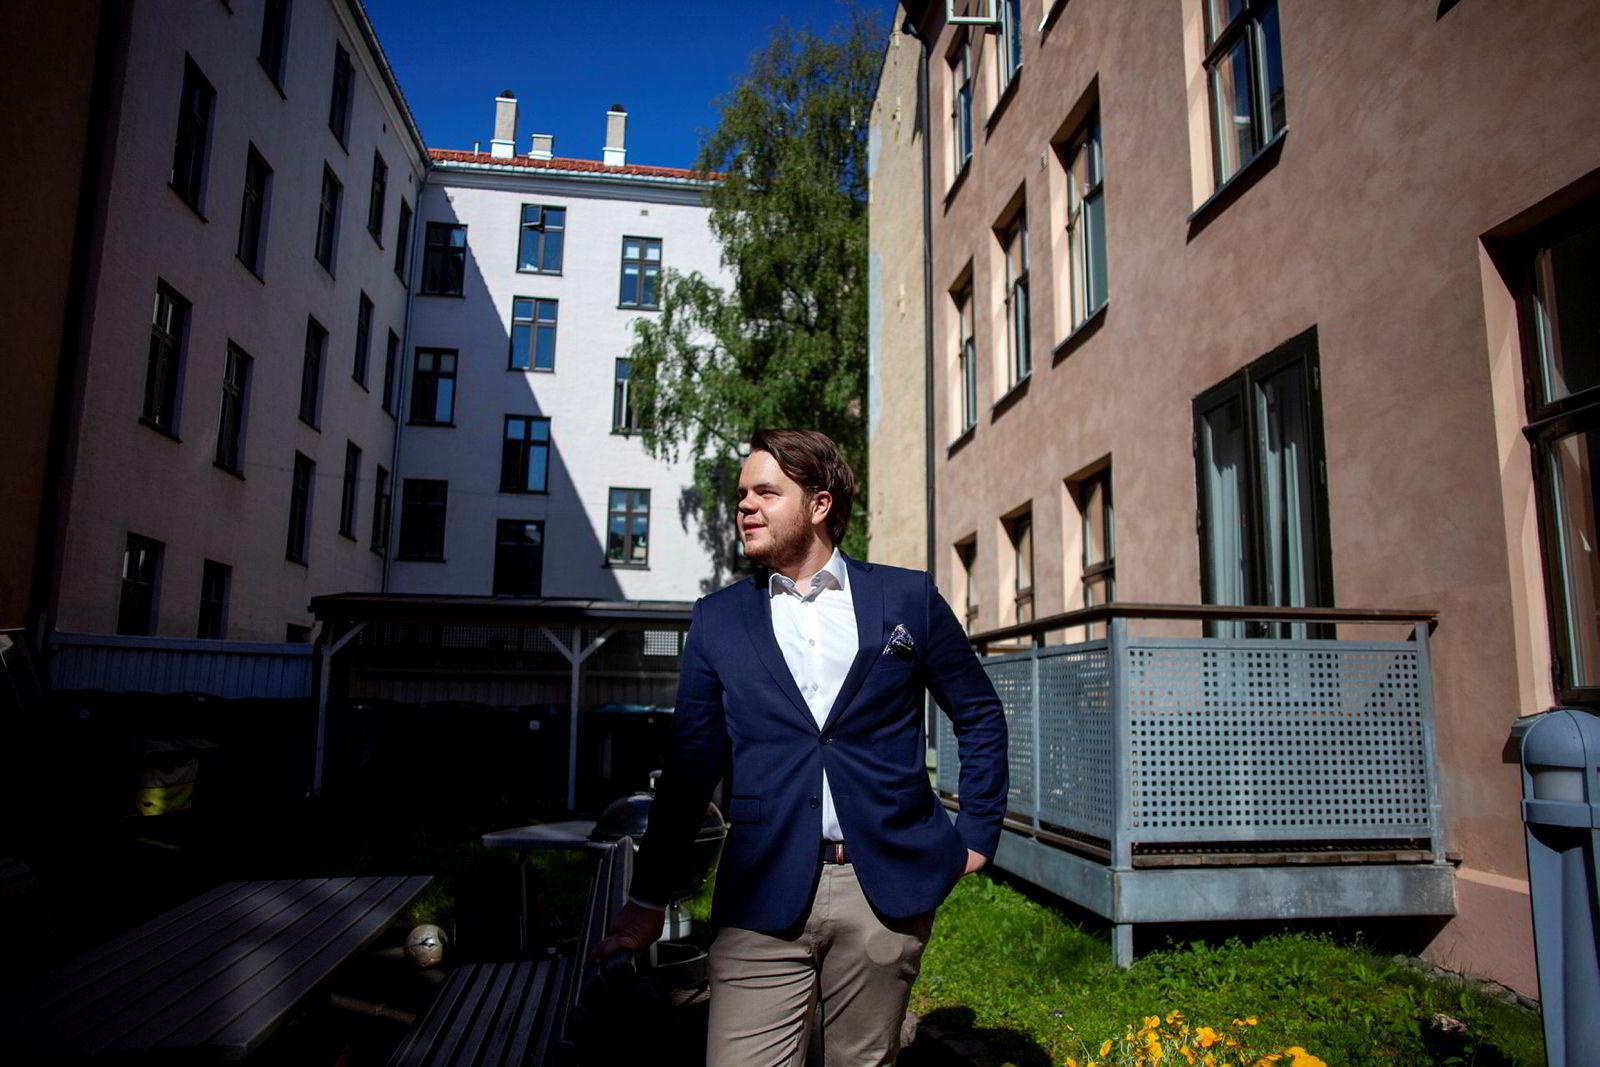 Eiendomsmegler Haakon Telle Bøe utenfor boligen i Helgesens gate på Grünerløkka.